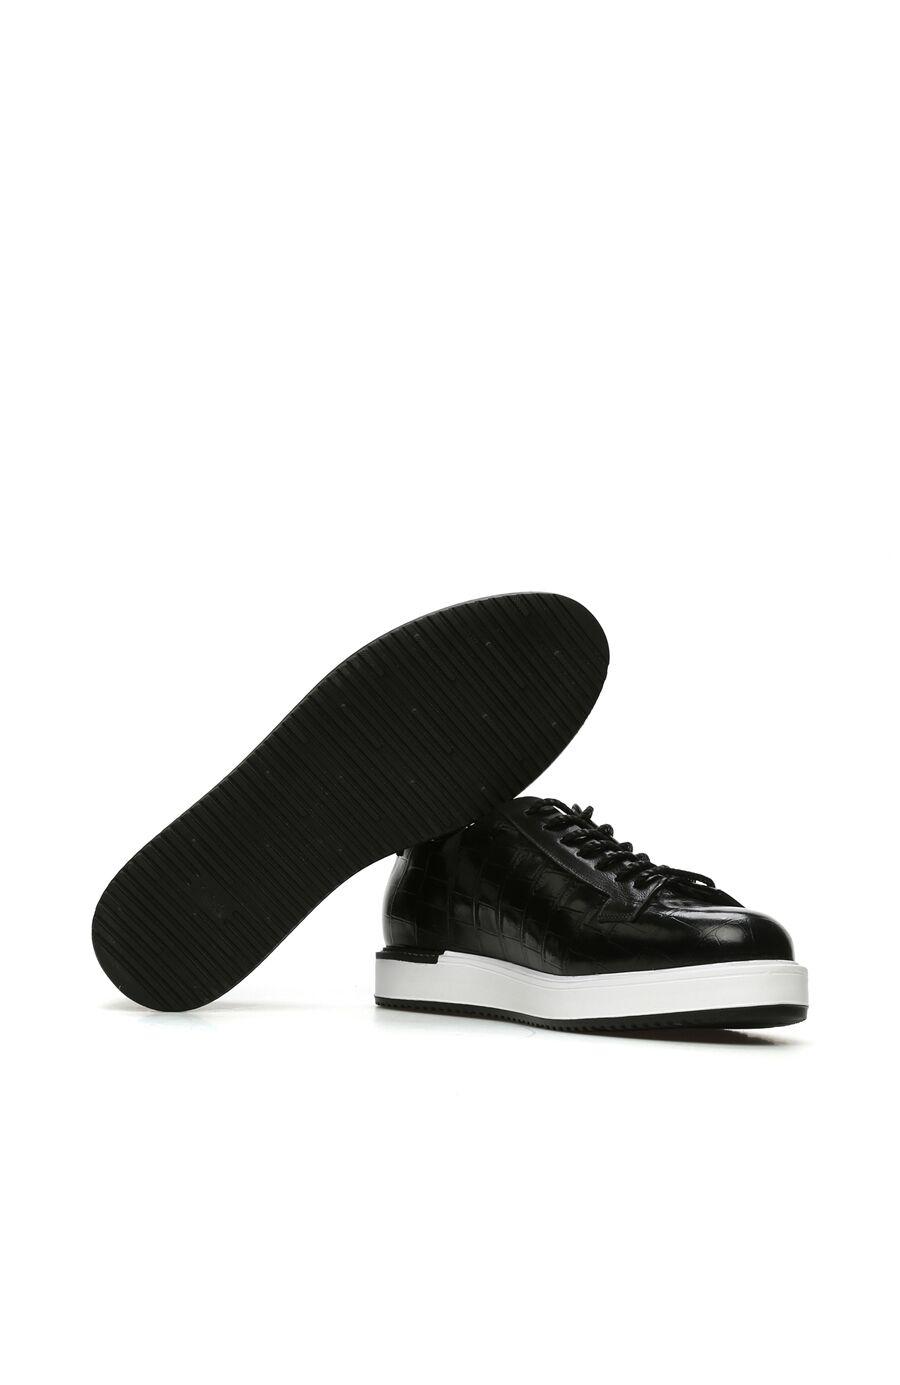 Siyah Krokodil Dokulu Erkek Deri Ayakkabı